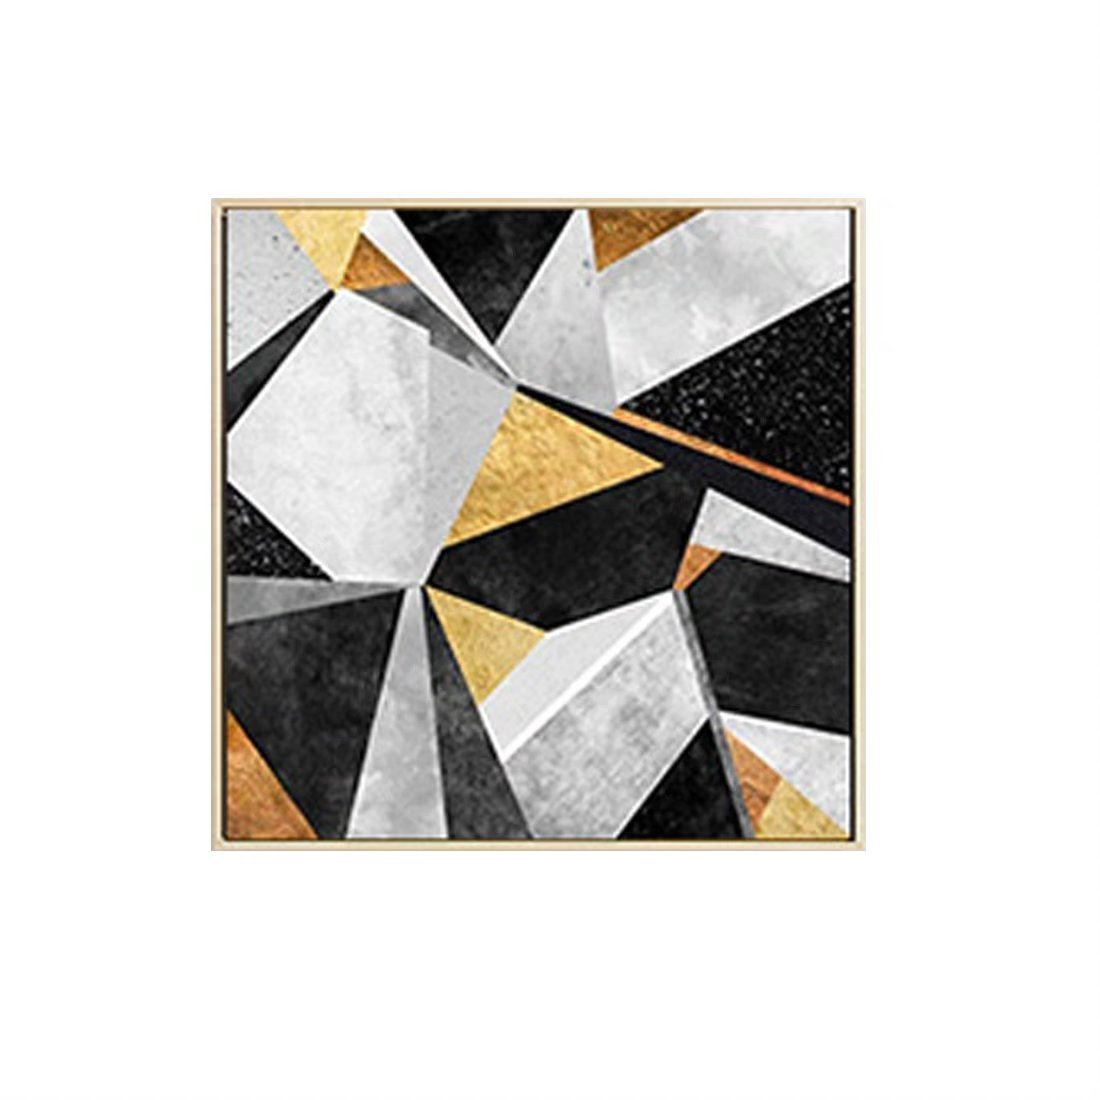 モダン 記念品 贈答品 雑貨 アート インテリア おしゃれ ギフト 絵画 壁掛け 現代 飾り シンプル リビング アートパネル 画 B072C352BBタイプ1 50*50cm